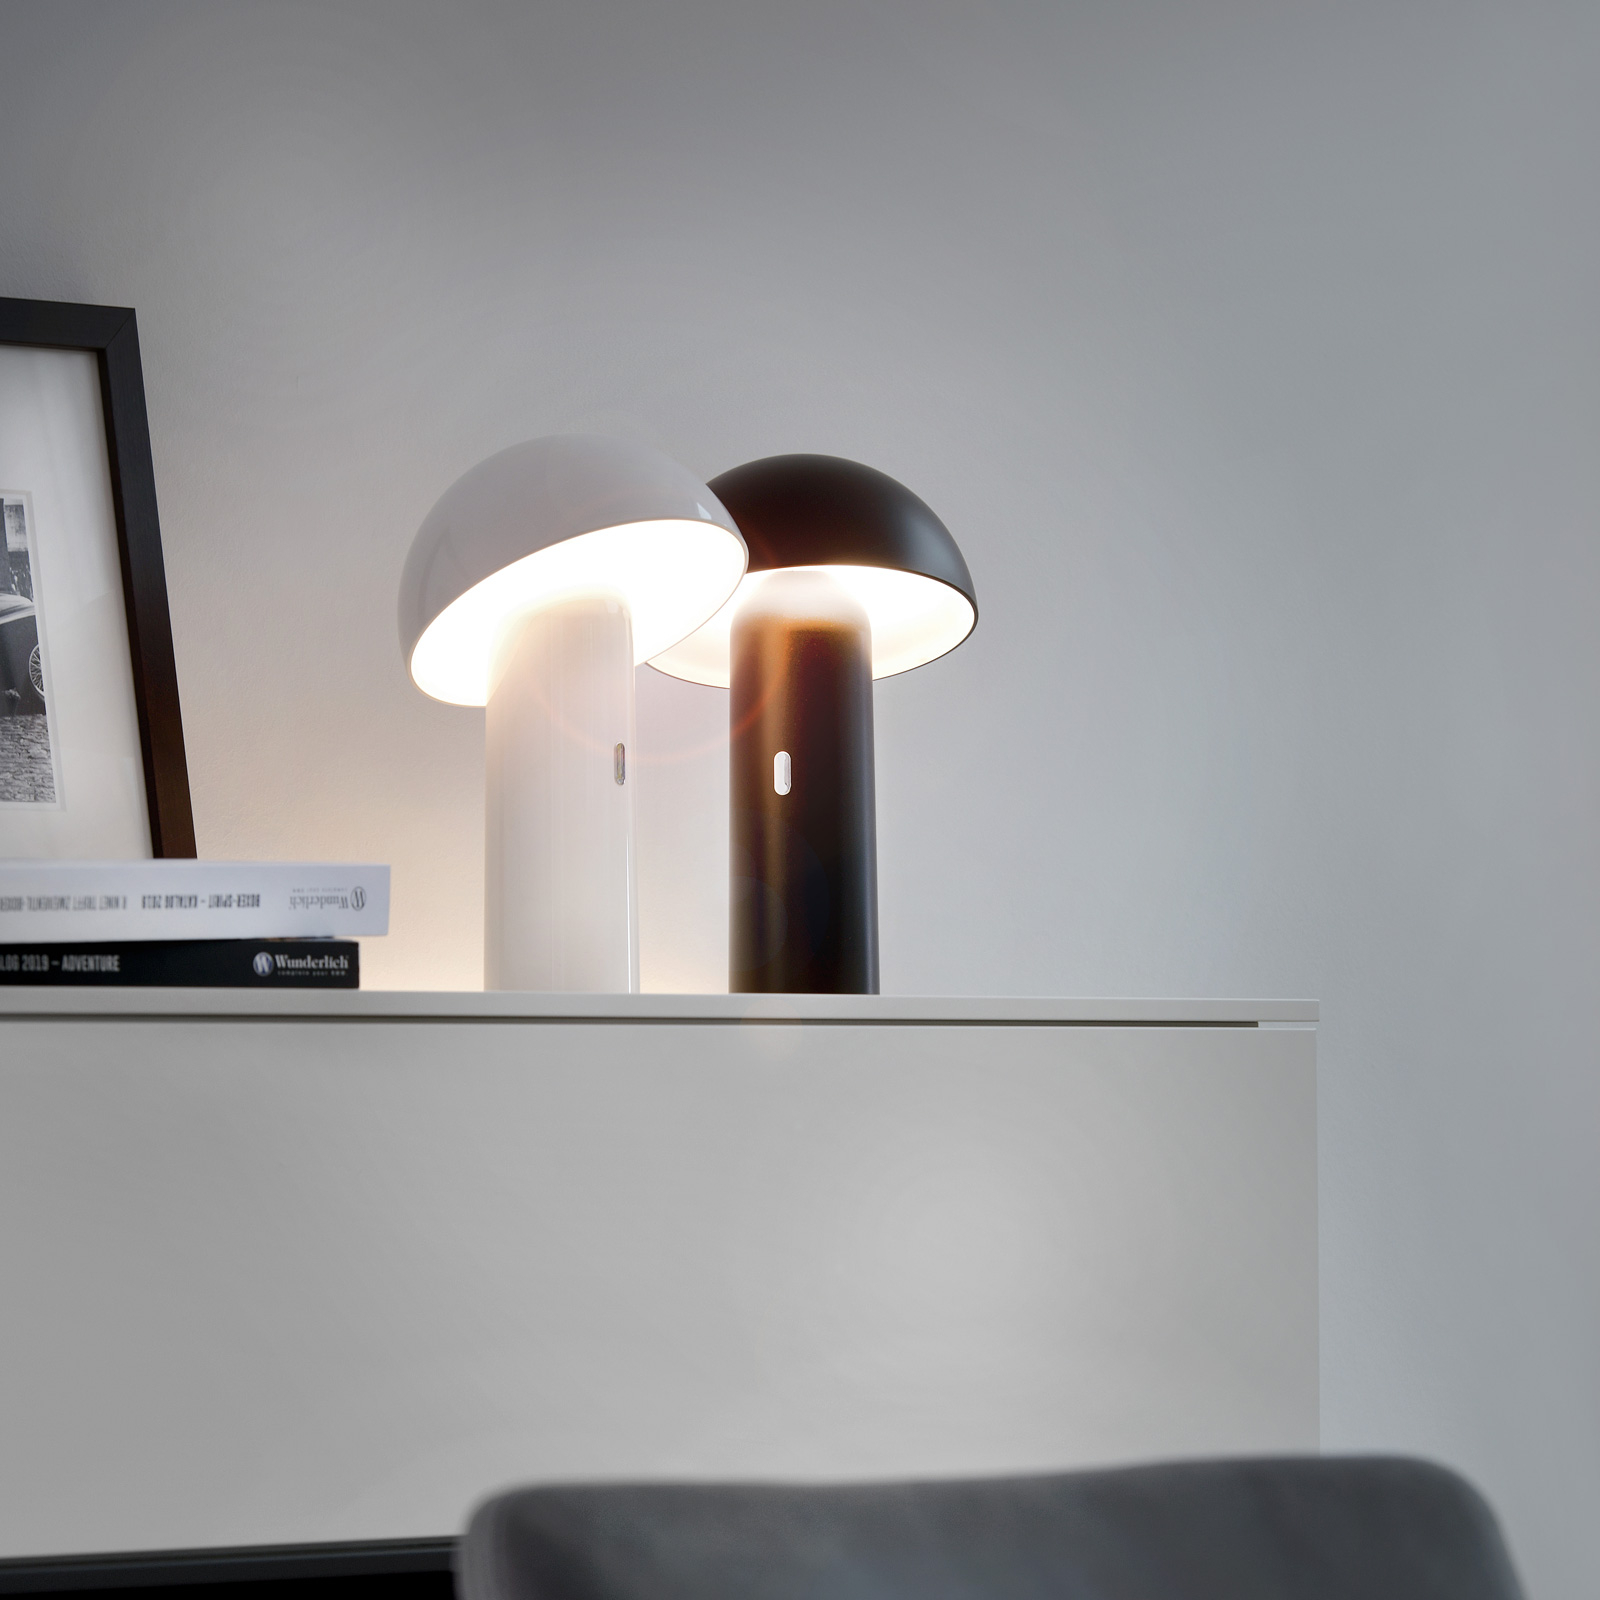 LED-Tischleuchte Svamp mit Akku, drehbar, schwarz